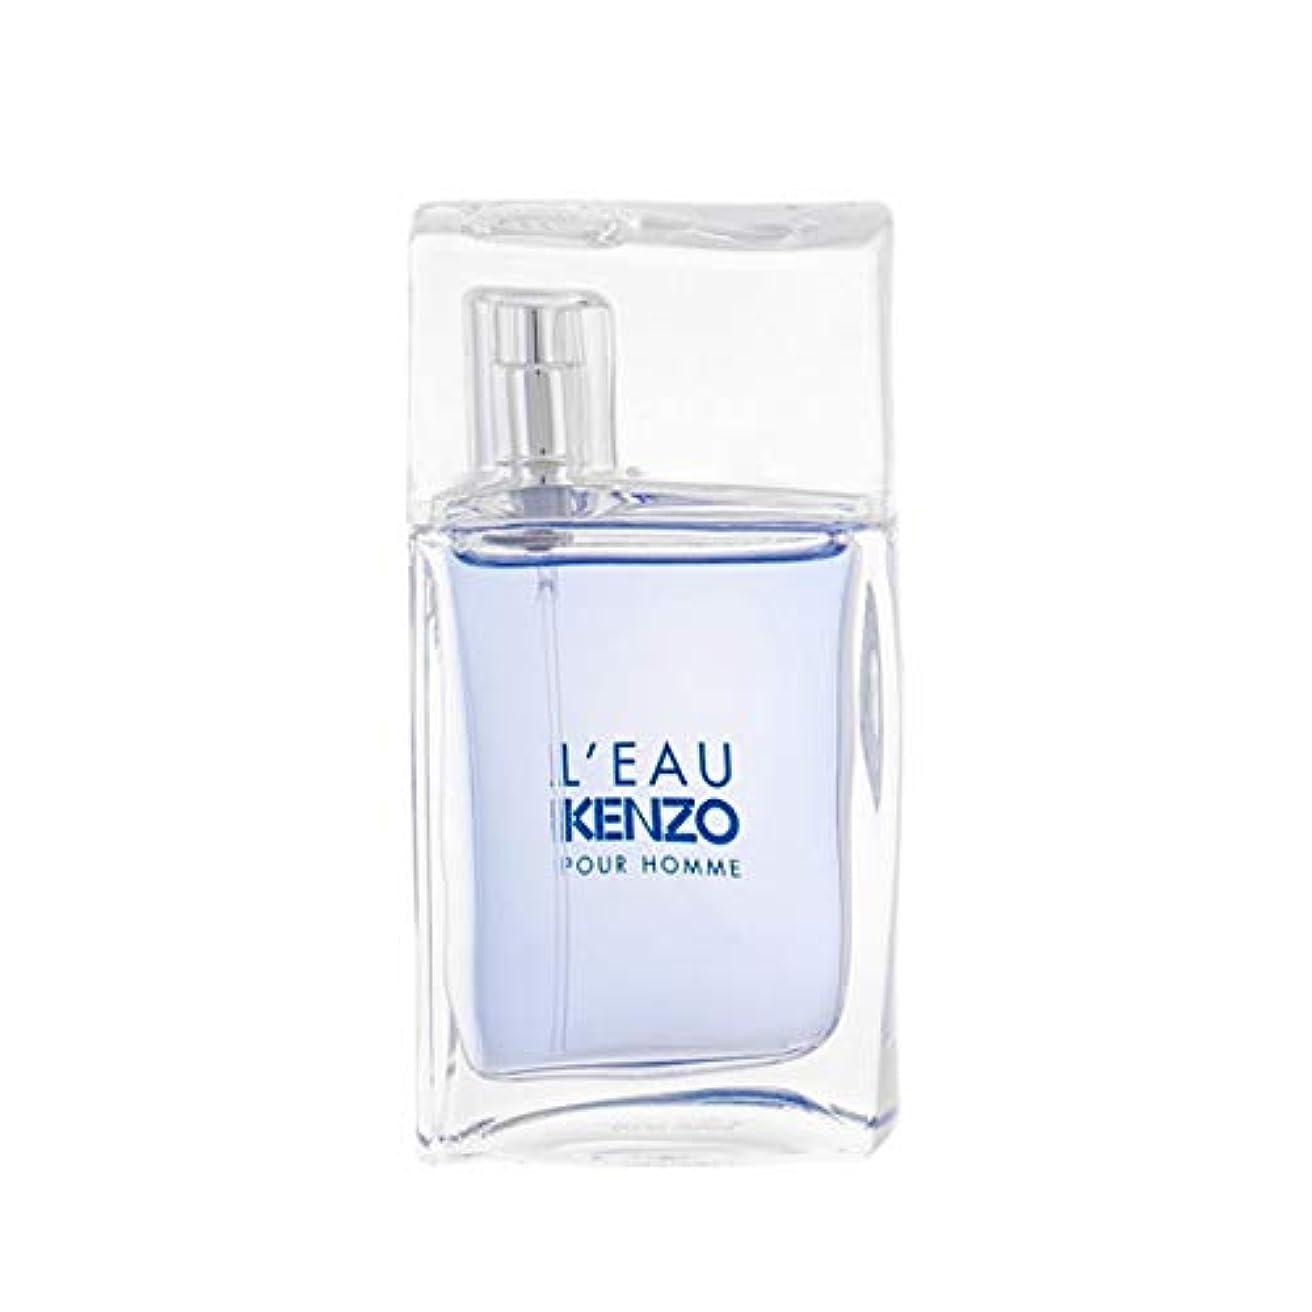 散らす樹皮豊富ケンゾー?ローパ ケンゾー オム EDT SP (男性用香水) 30ml(並行輸入品)